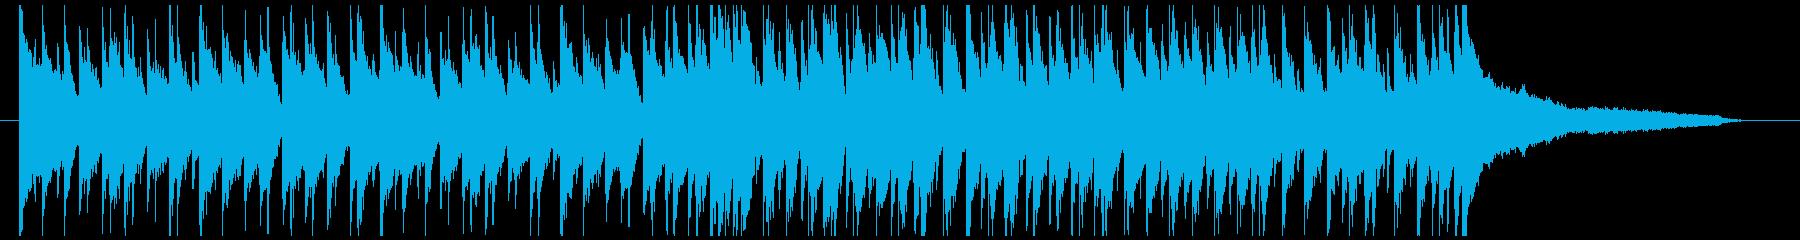 シャッフルリズムの陽気なポップスの再生済みの波形